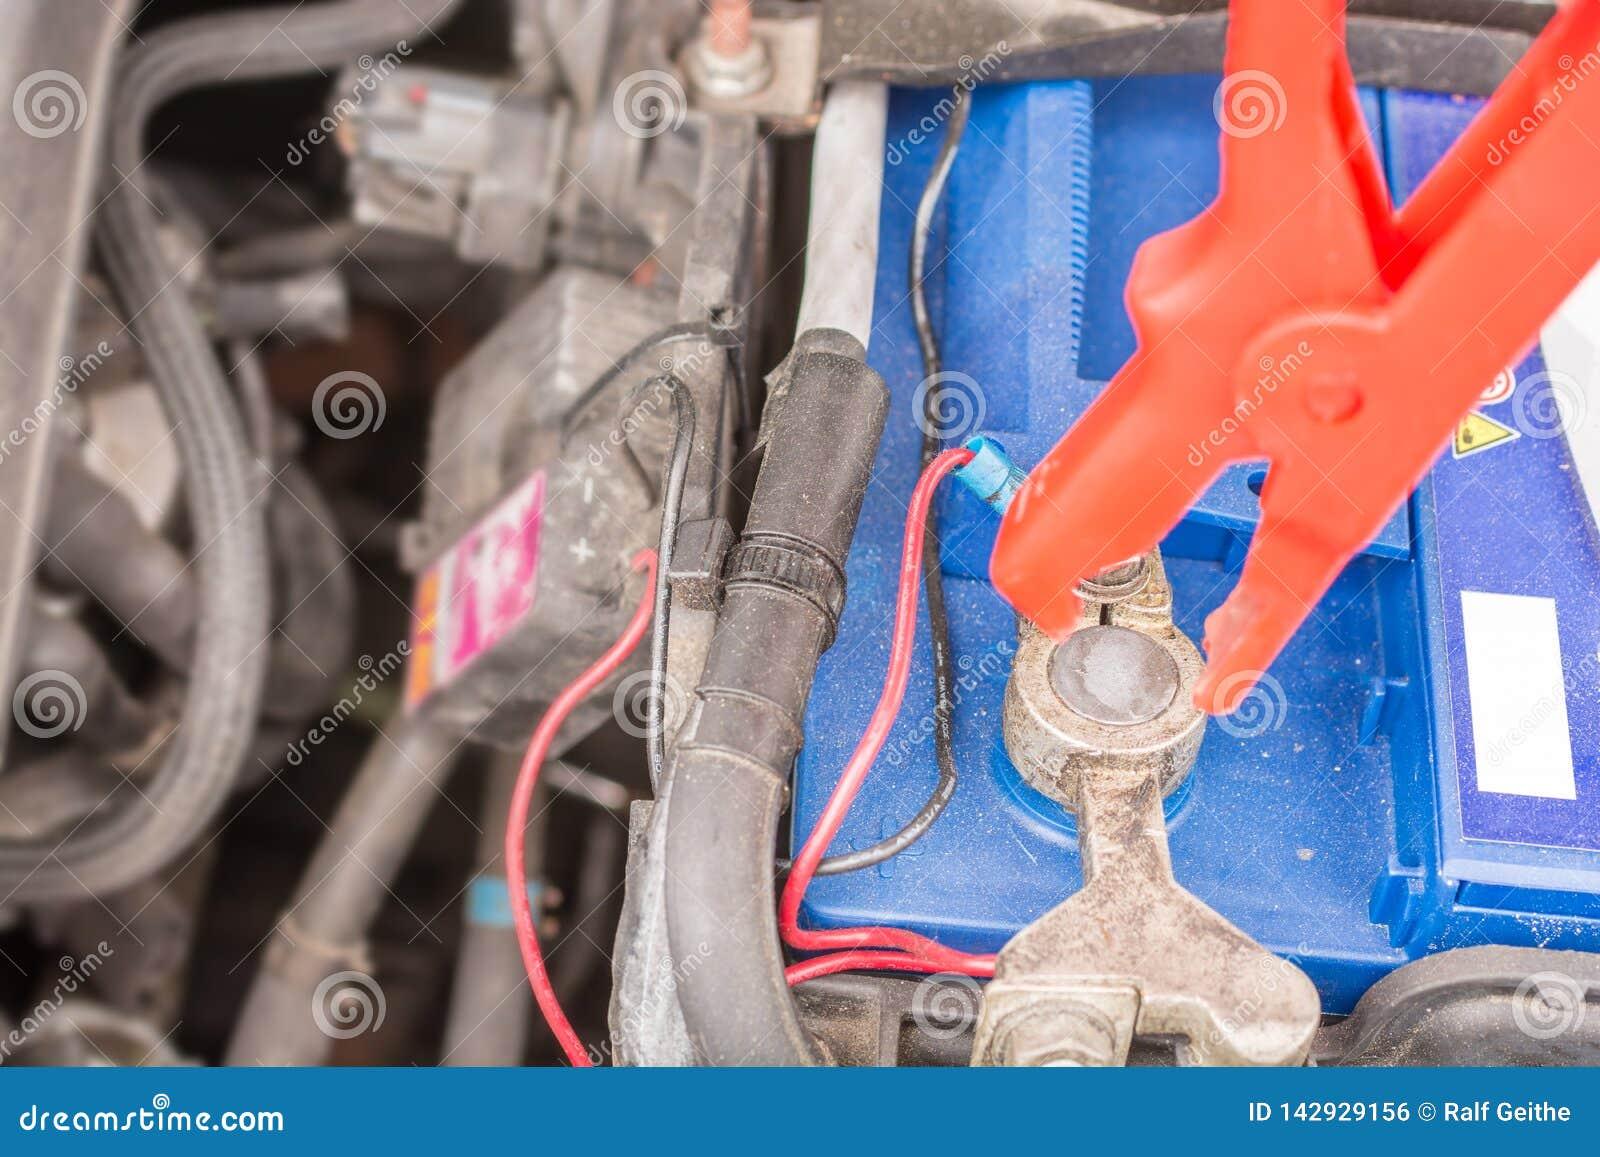 Carregando uma bateria de carro com o cabo de carregamento